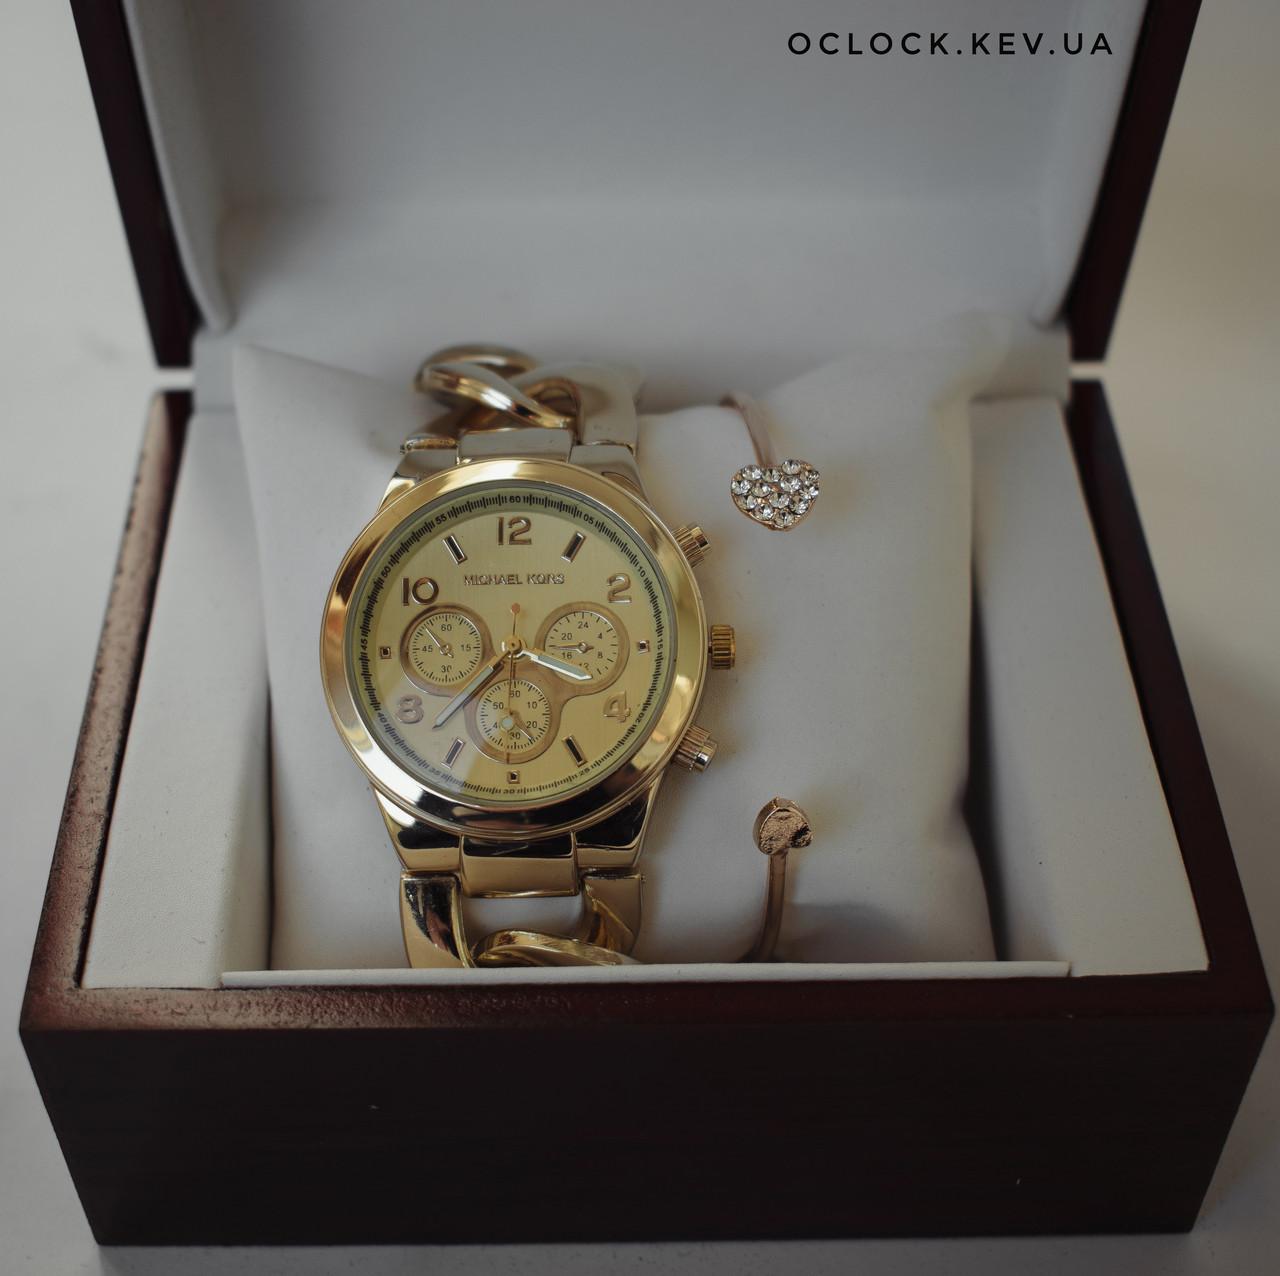 Купить набор часов с браслетами часы карен миллен купить